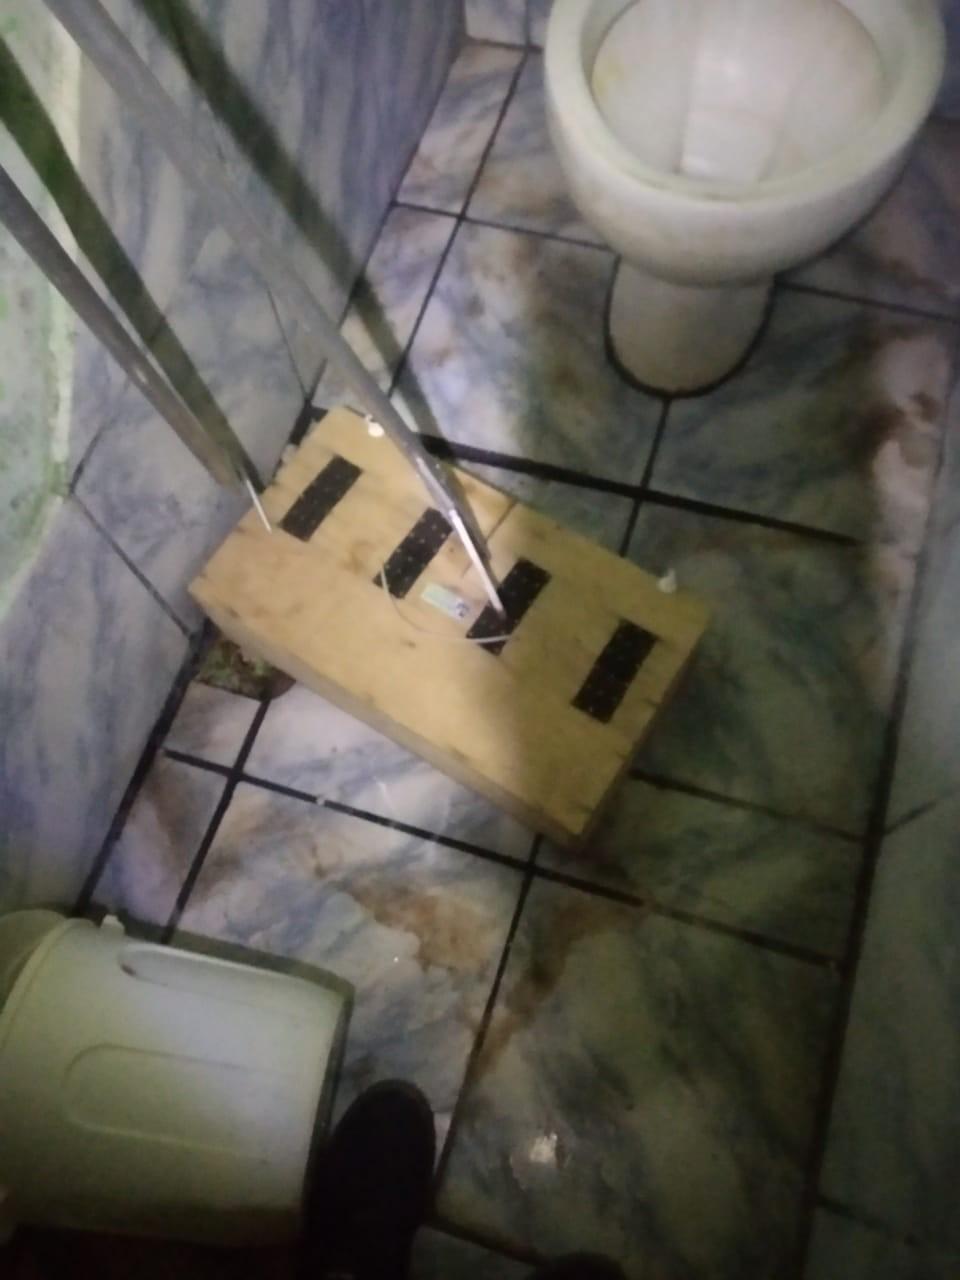 Morador encontra cobra cascavel no banheiro de casa em Castilho; vídeo